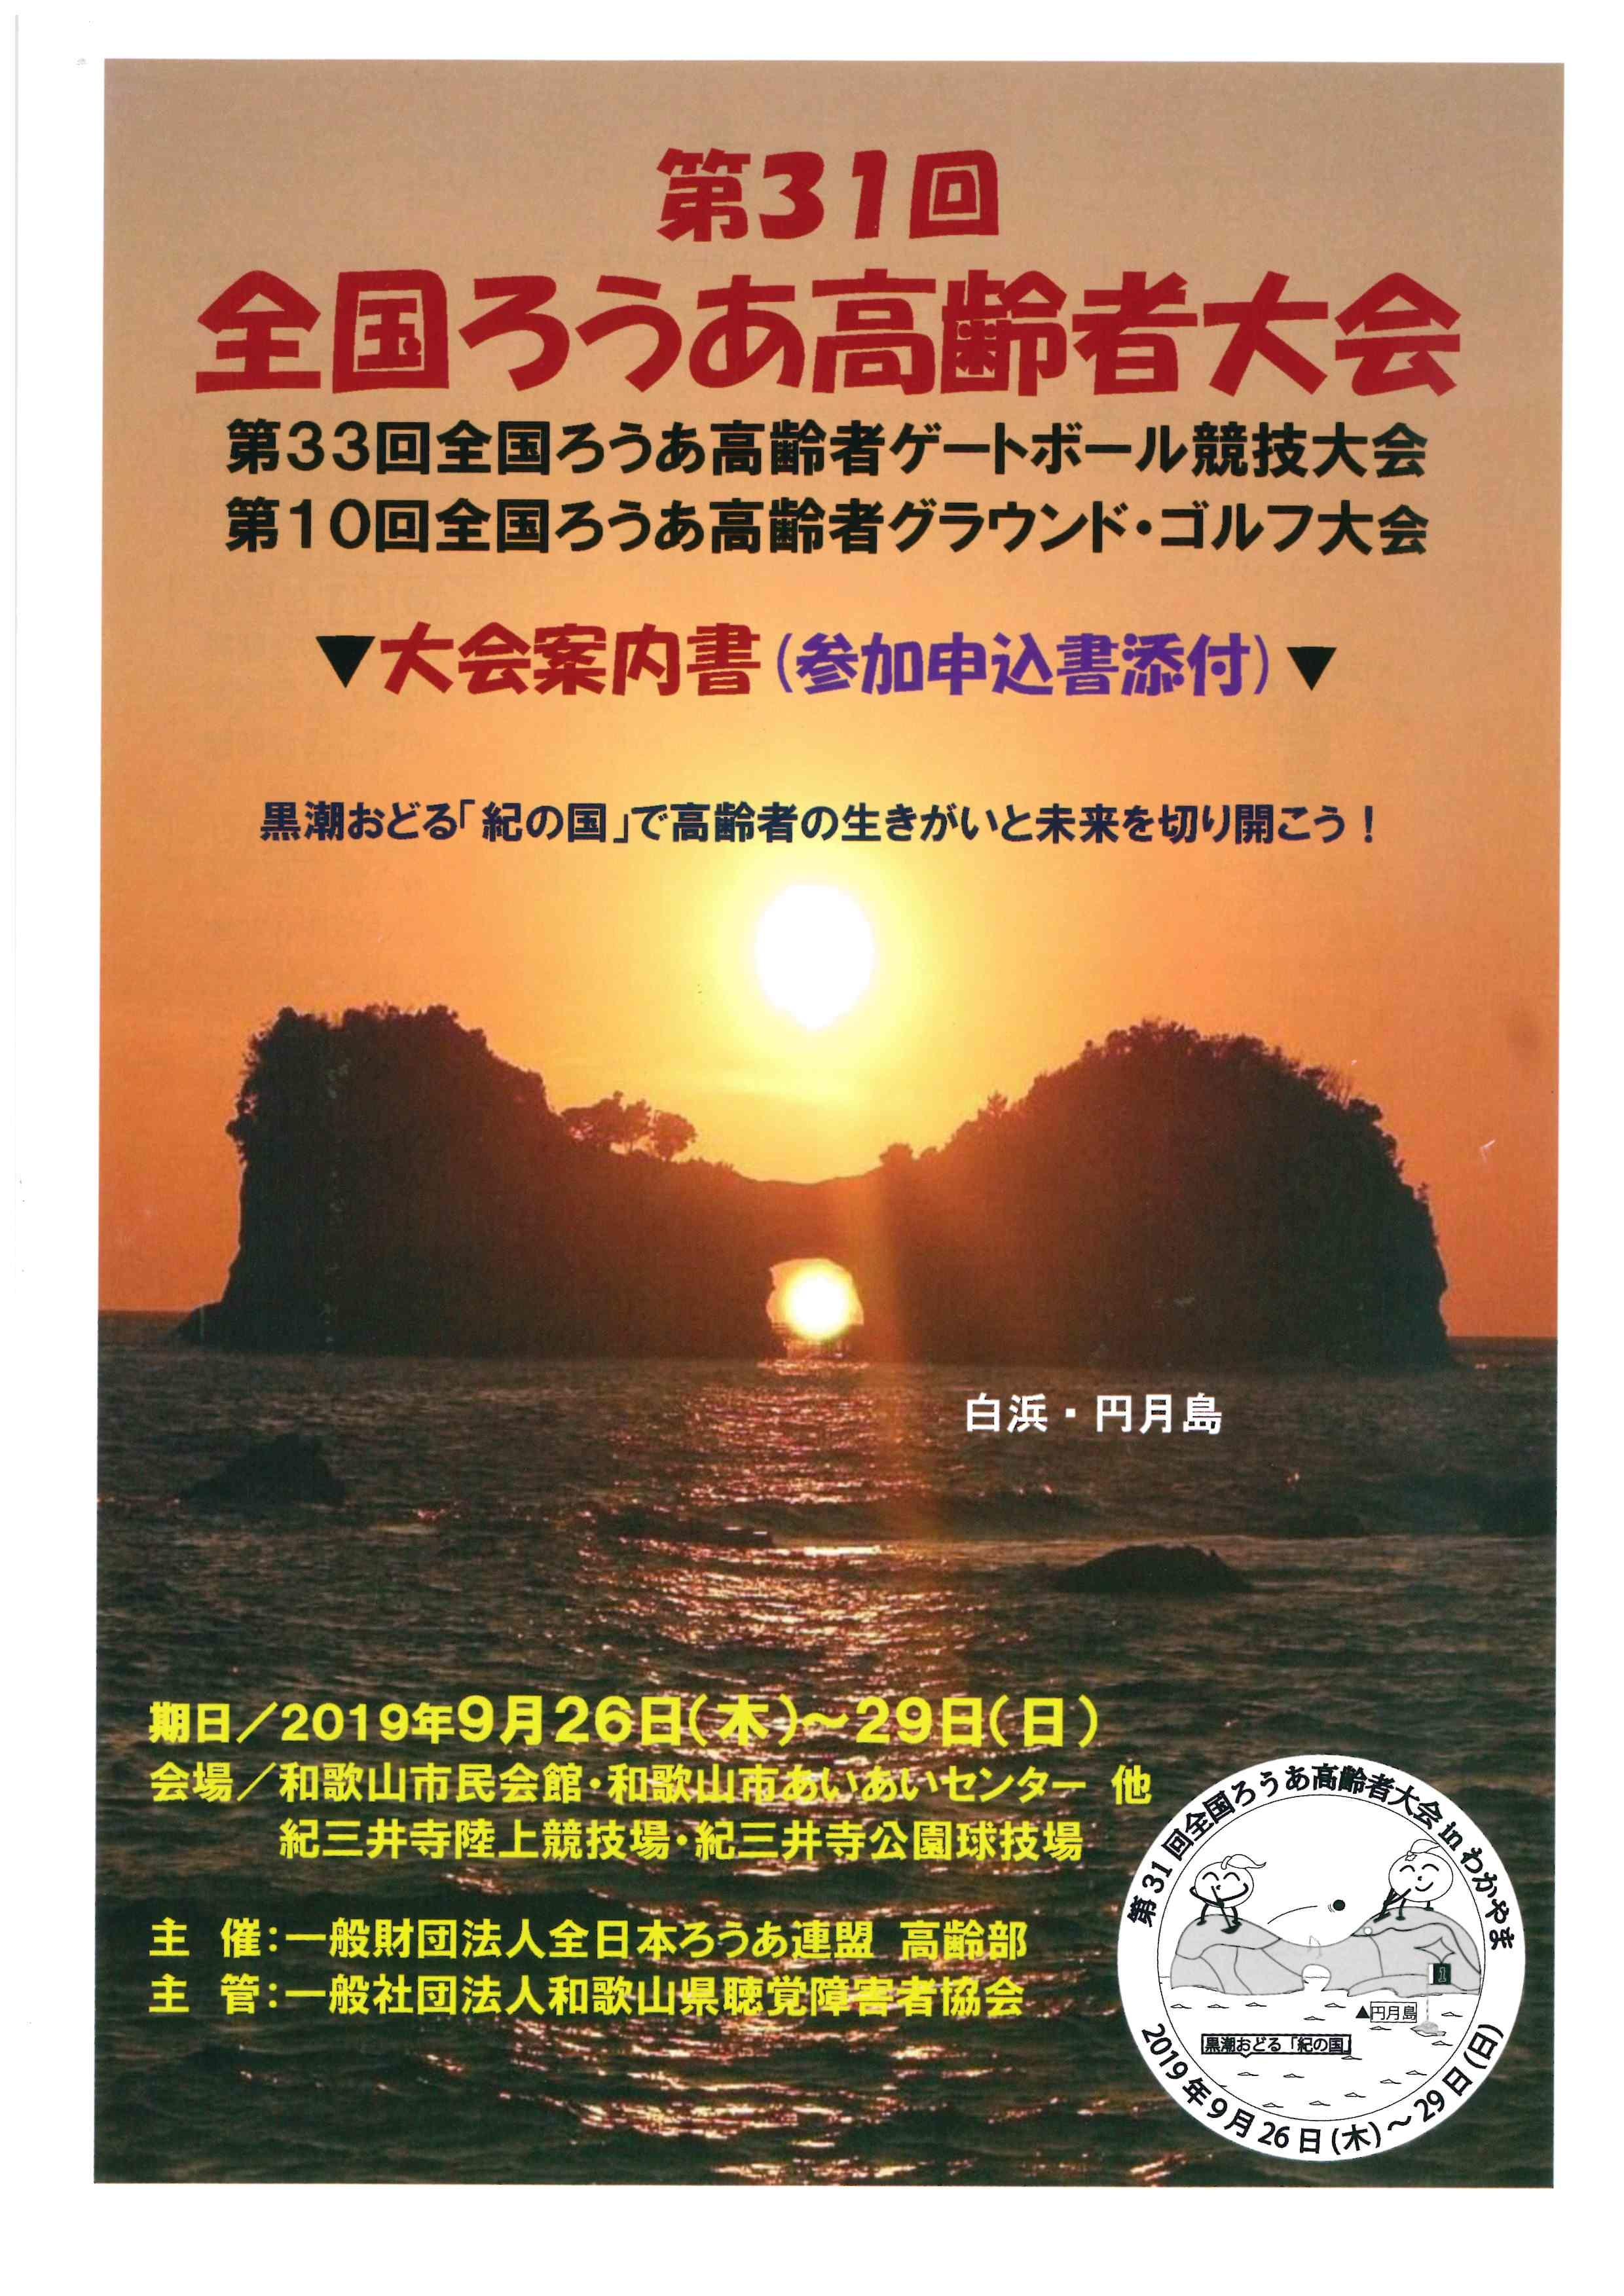 第31回全国ろうあ高齢者大会in和歌山 ご案内_d0070316_15580821.jpg